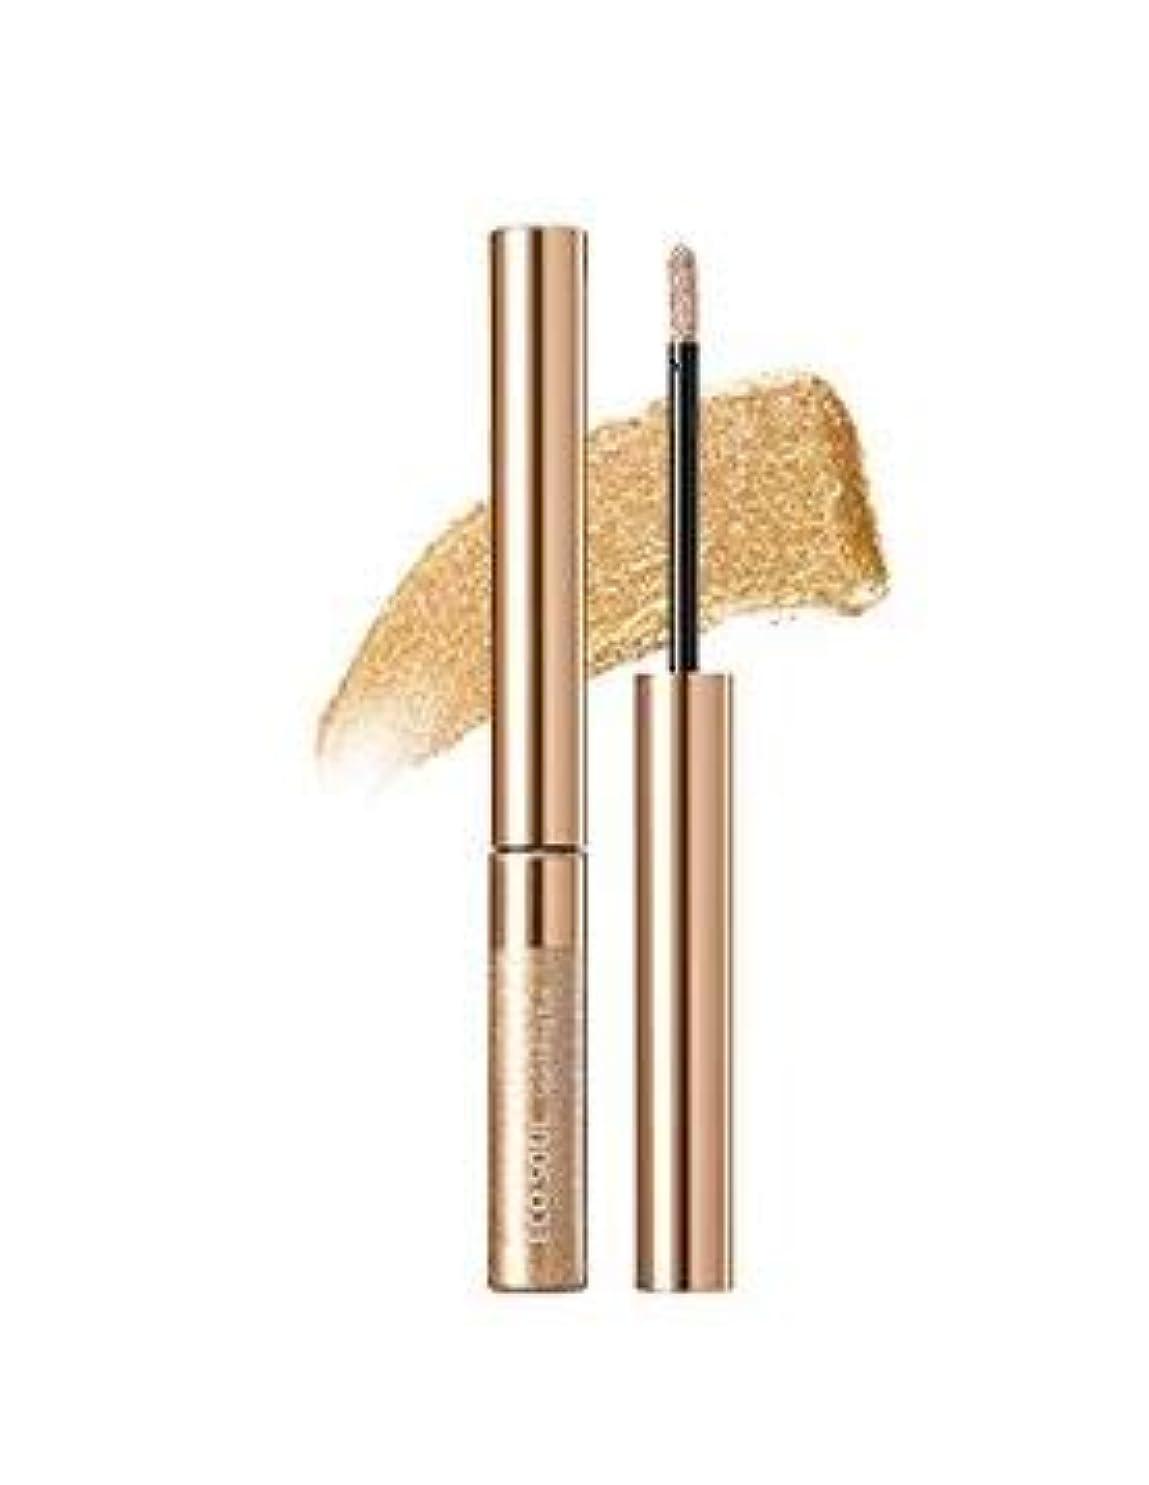 税金赤ちゃん幽霊The Saem Eco Soul Sparkling Eye (03 Golden Glamour) ザセム エコ ソウル スパークリング アイ (03 Golden Glamour) [並行輸入品]